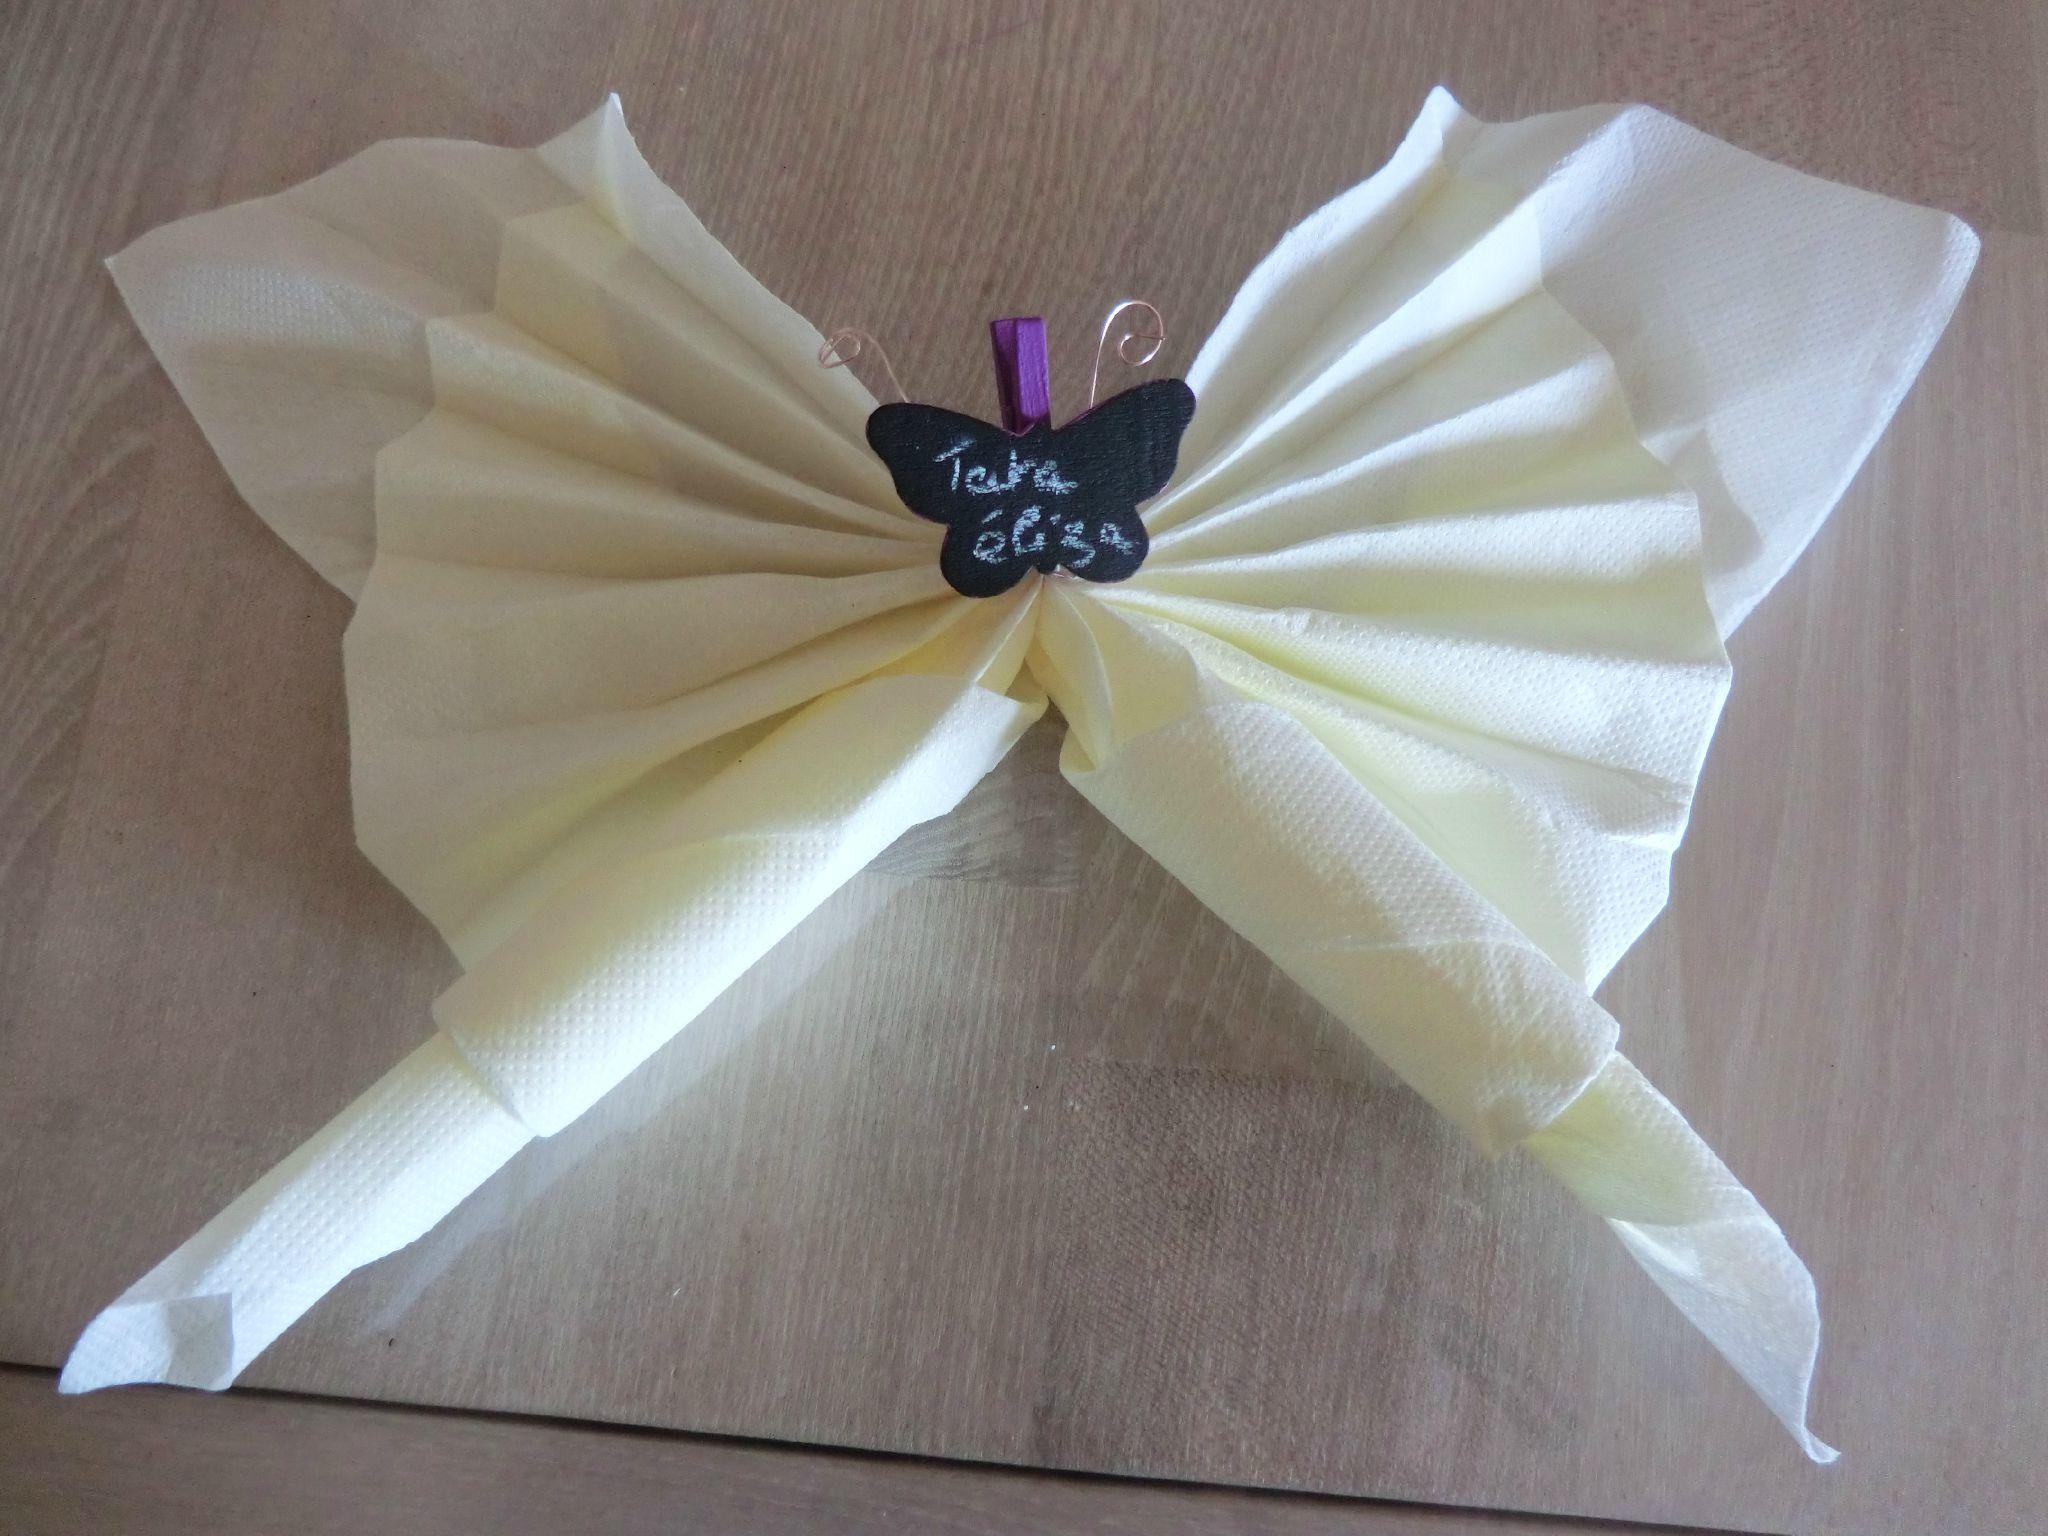 pliage serviette en forme de papillon cr loane. Black Bedroom Furniture Sets. Home Design Ideas